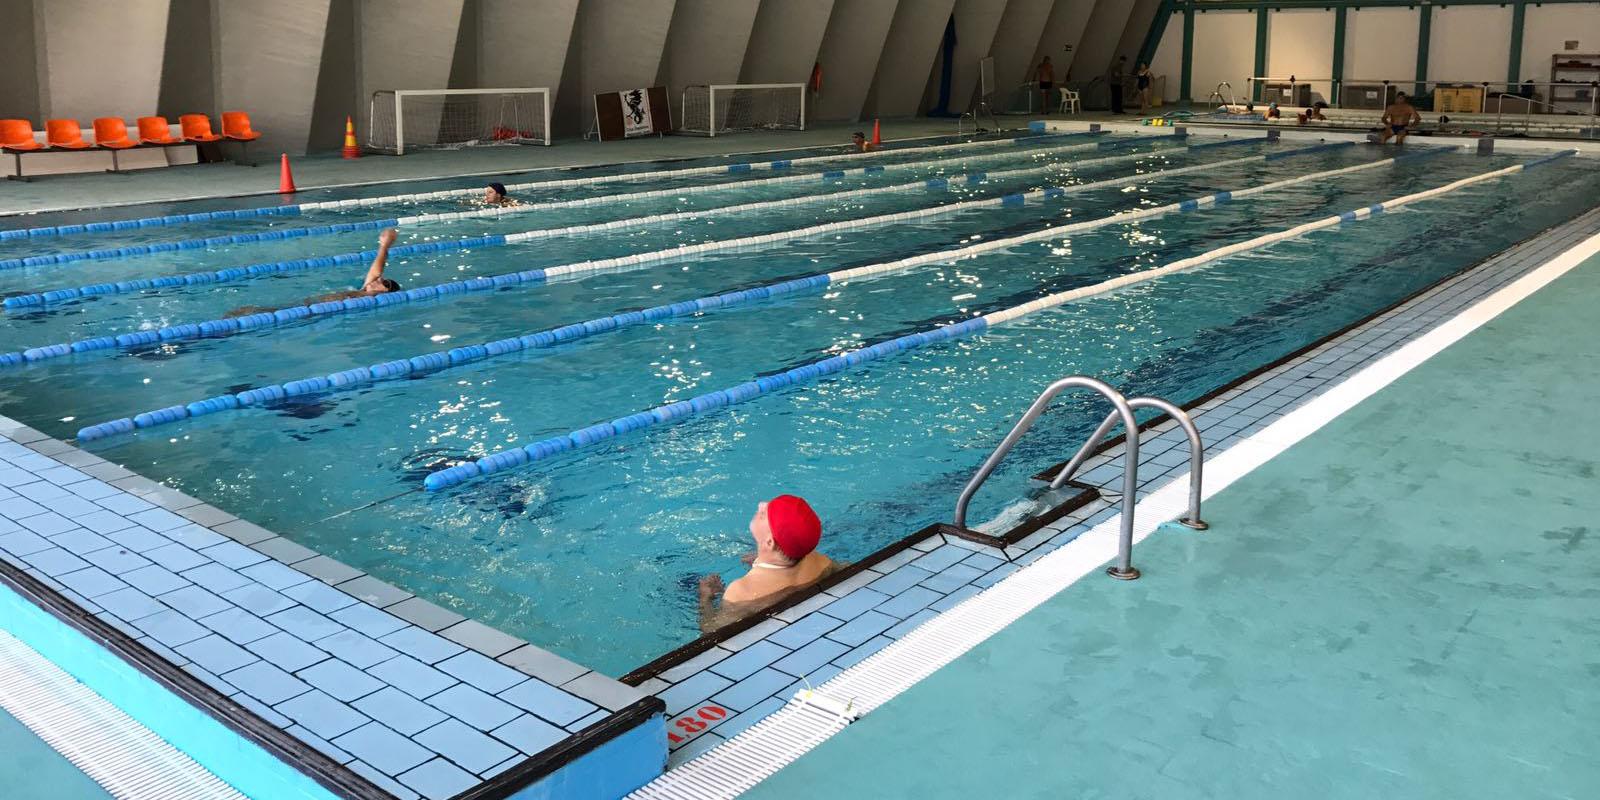 La piscina jos laguillo oferta 234 plazas para servicios for Oferta de piscina